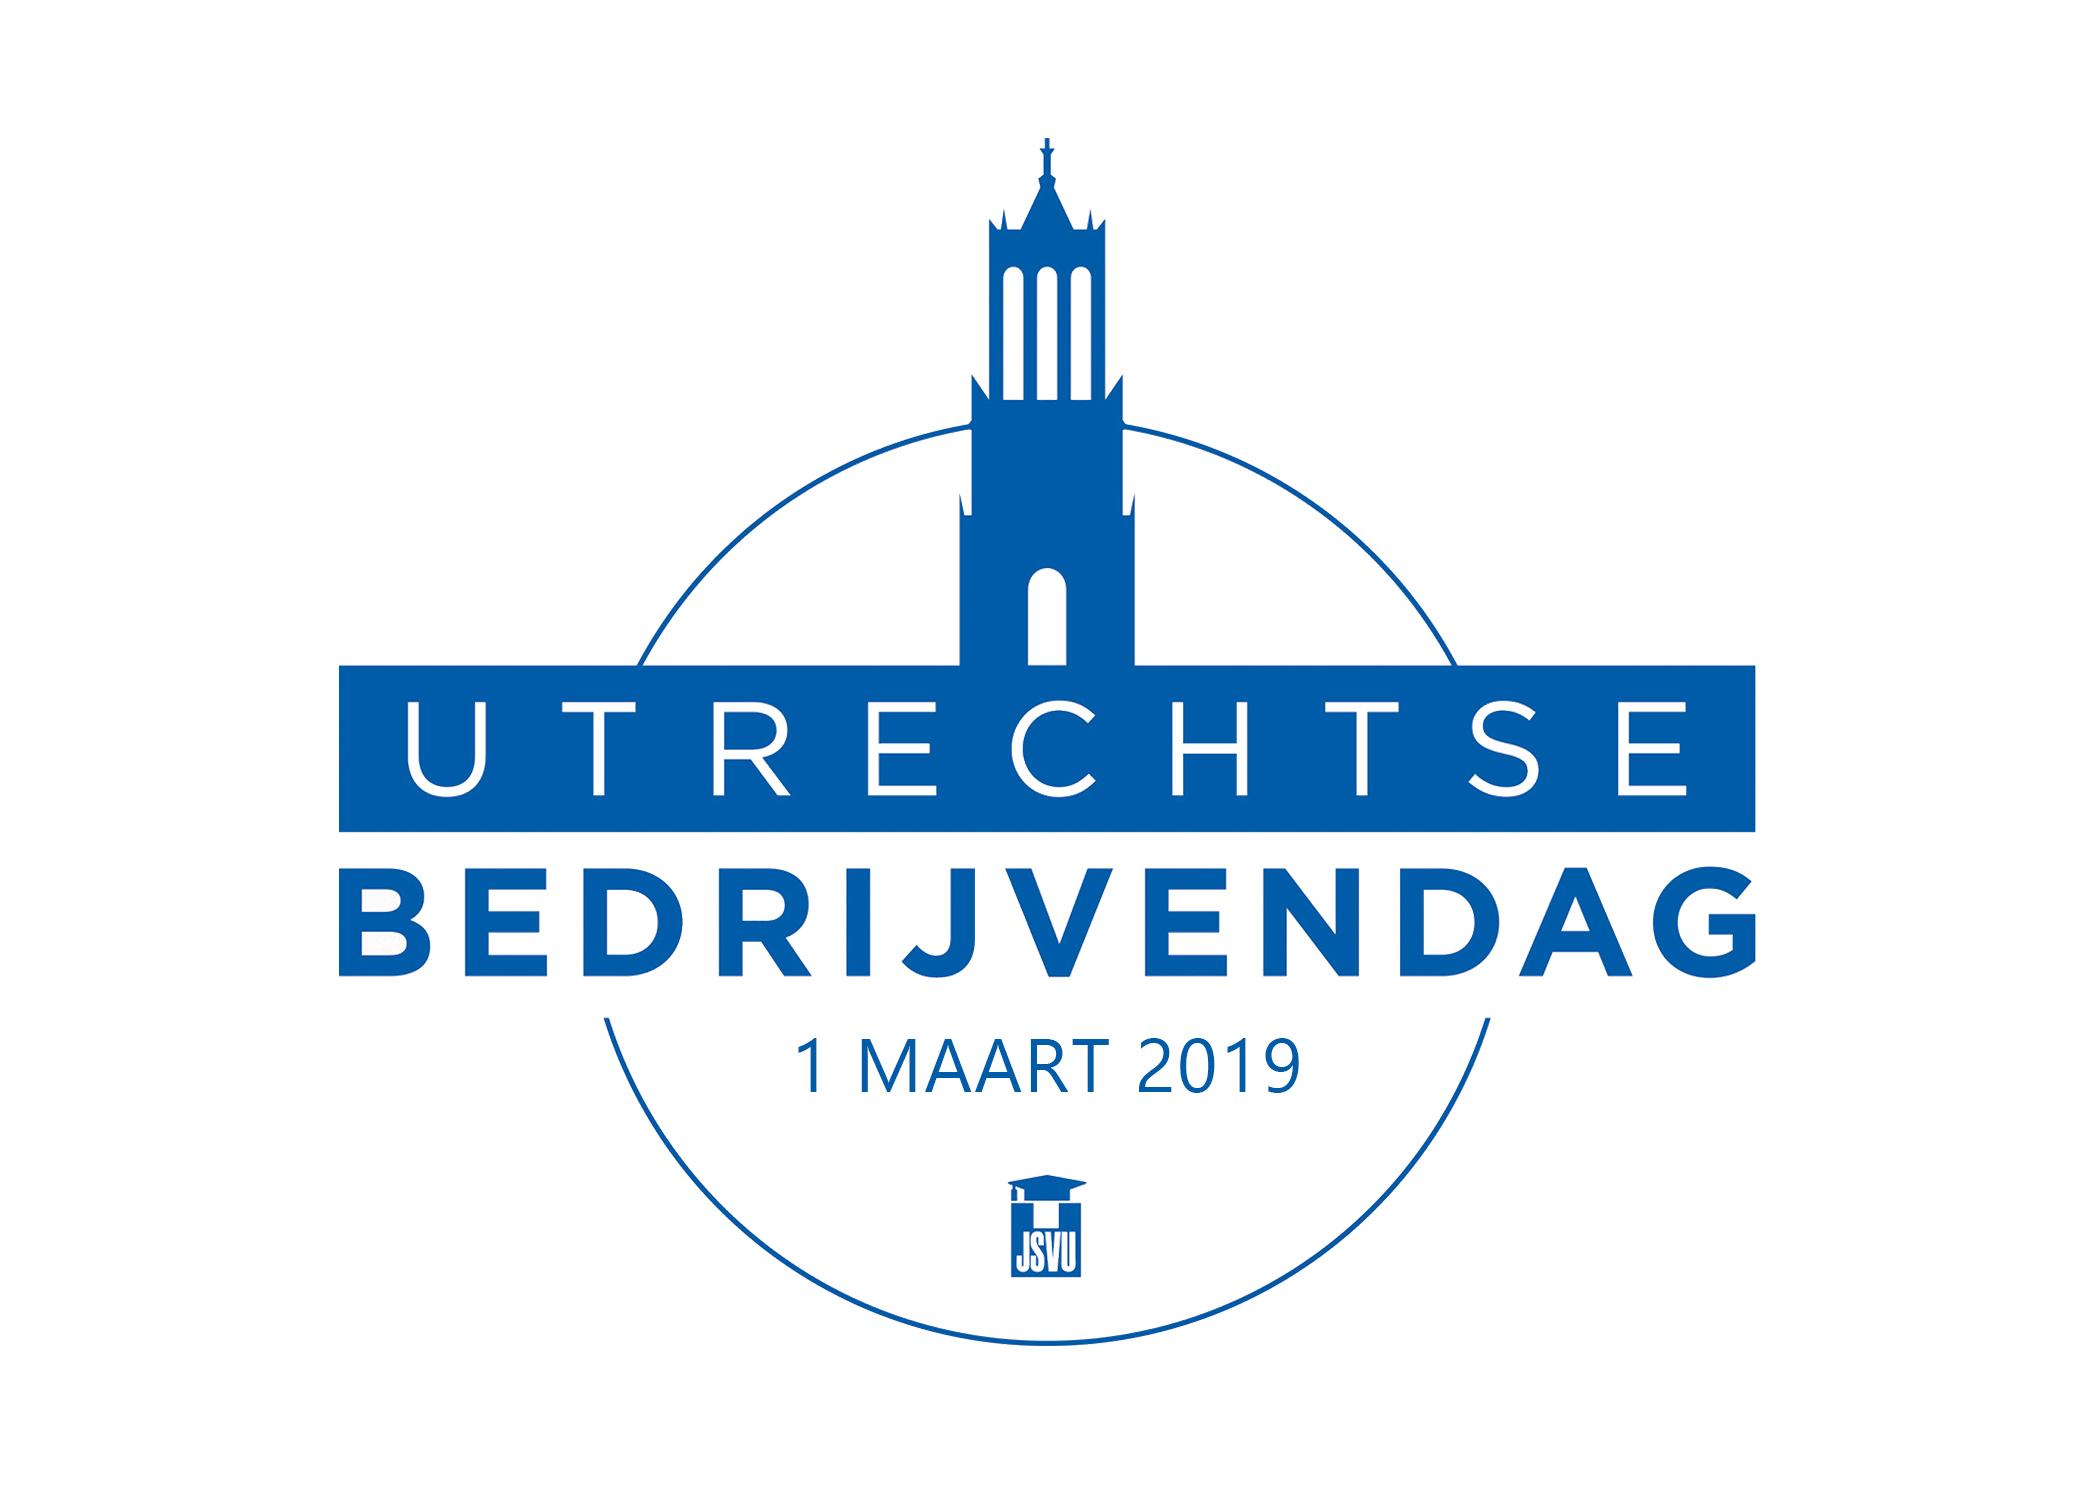 Utrechtse Bedrijvendagbundel logo